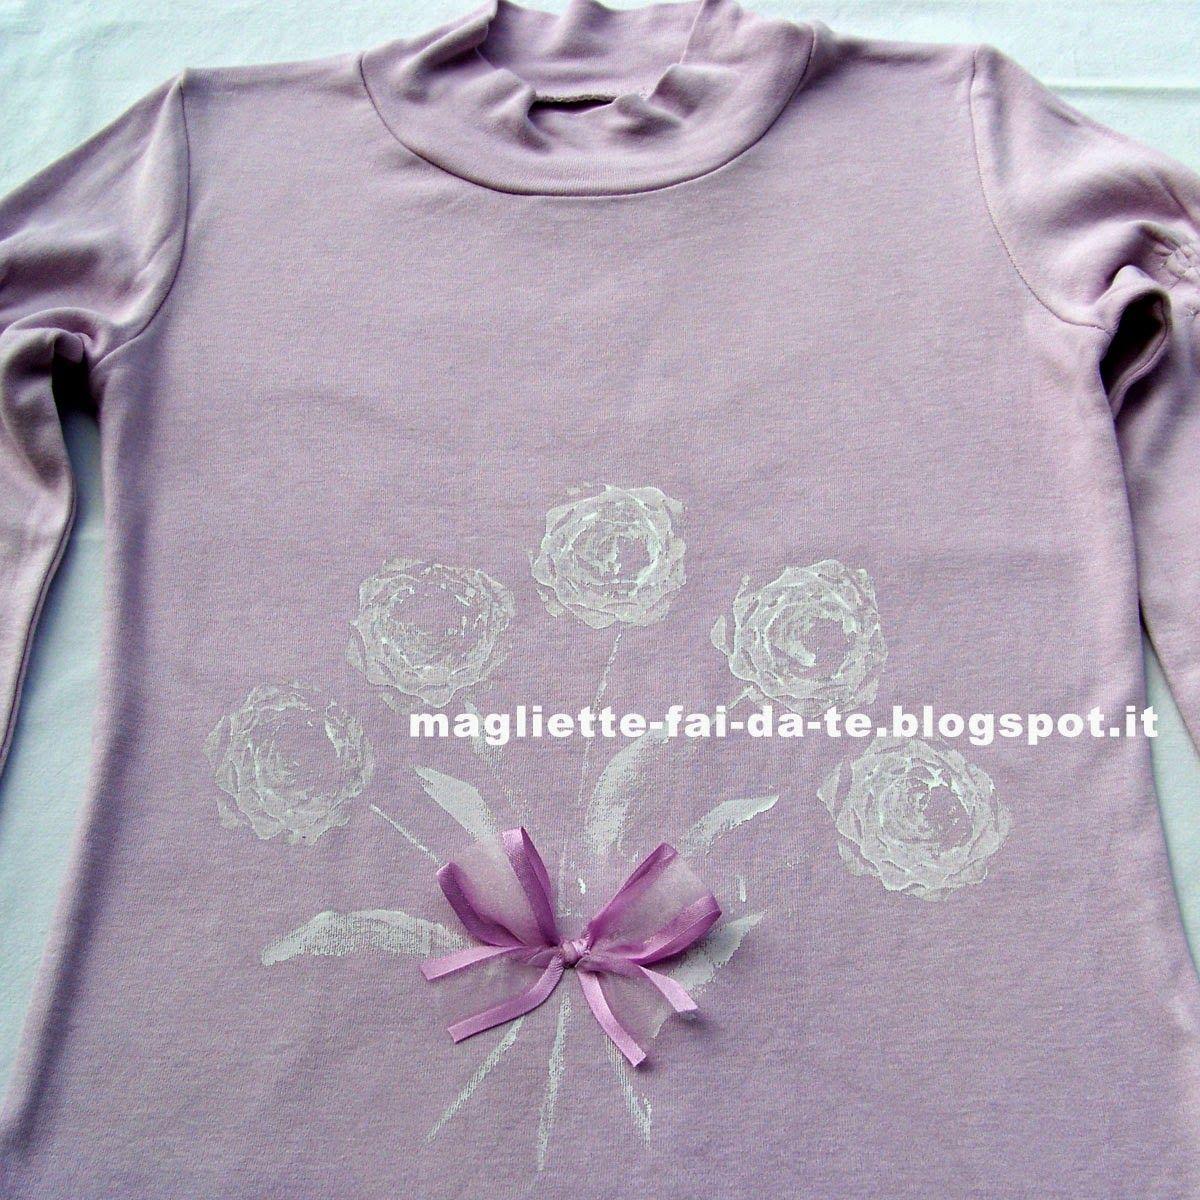 Magliette fai da te: riciclo, colorare, decorare: ROSE fatte con il RADICCHIO!